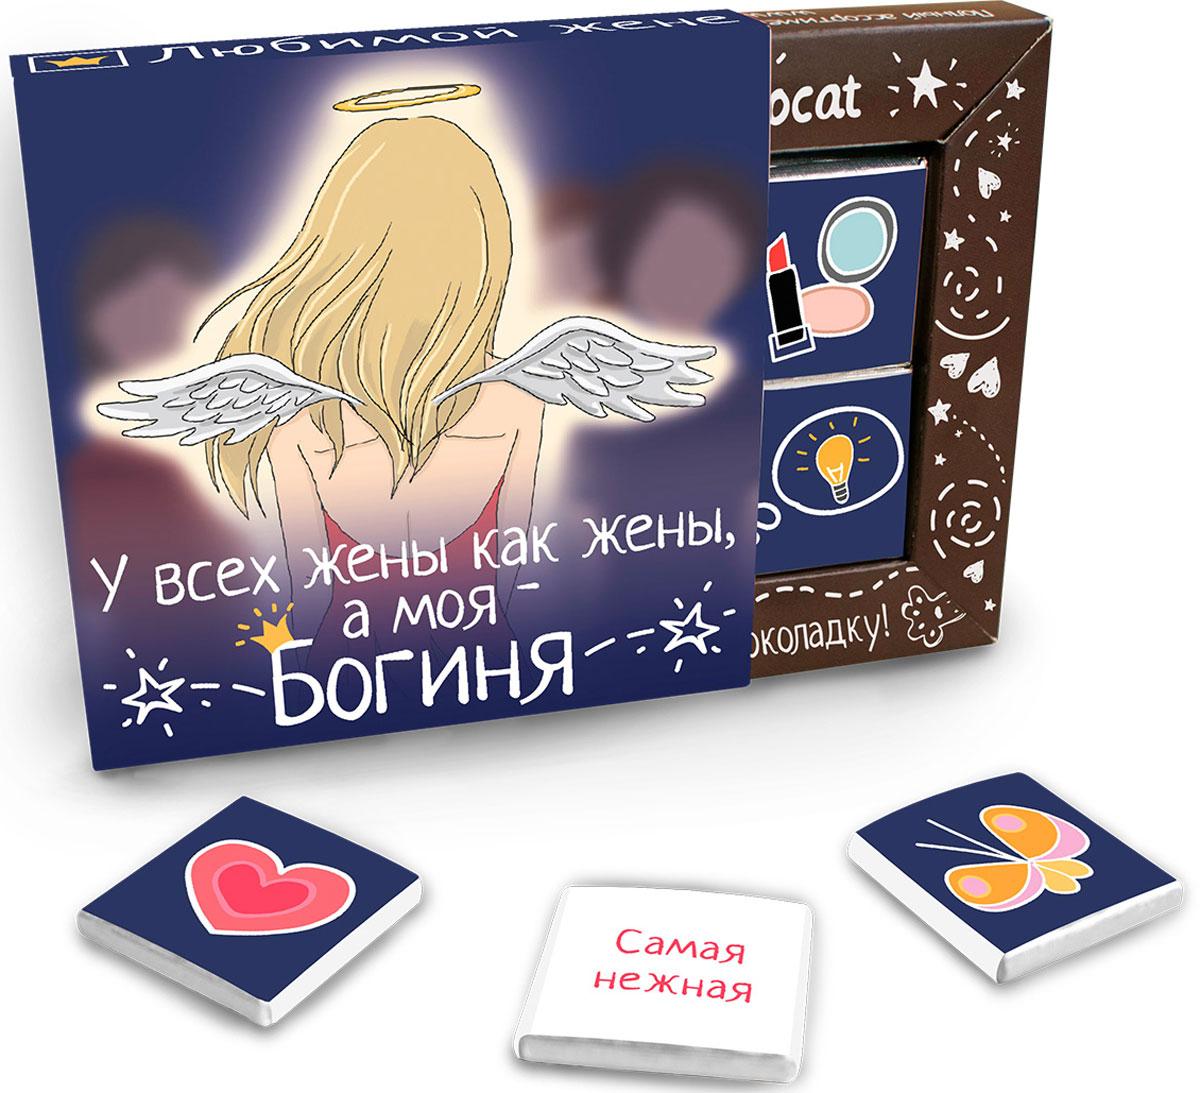 Chokocat Любимой жене молочный шоколад, 60 г chokocat календарь зимние забавы молочный шоколад 75 г